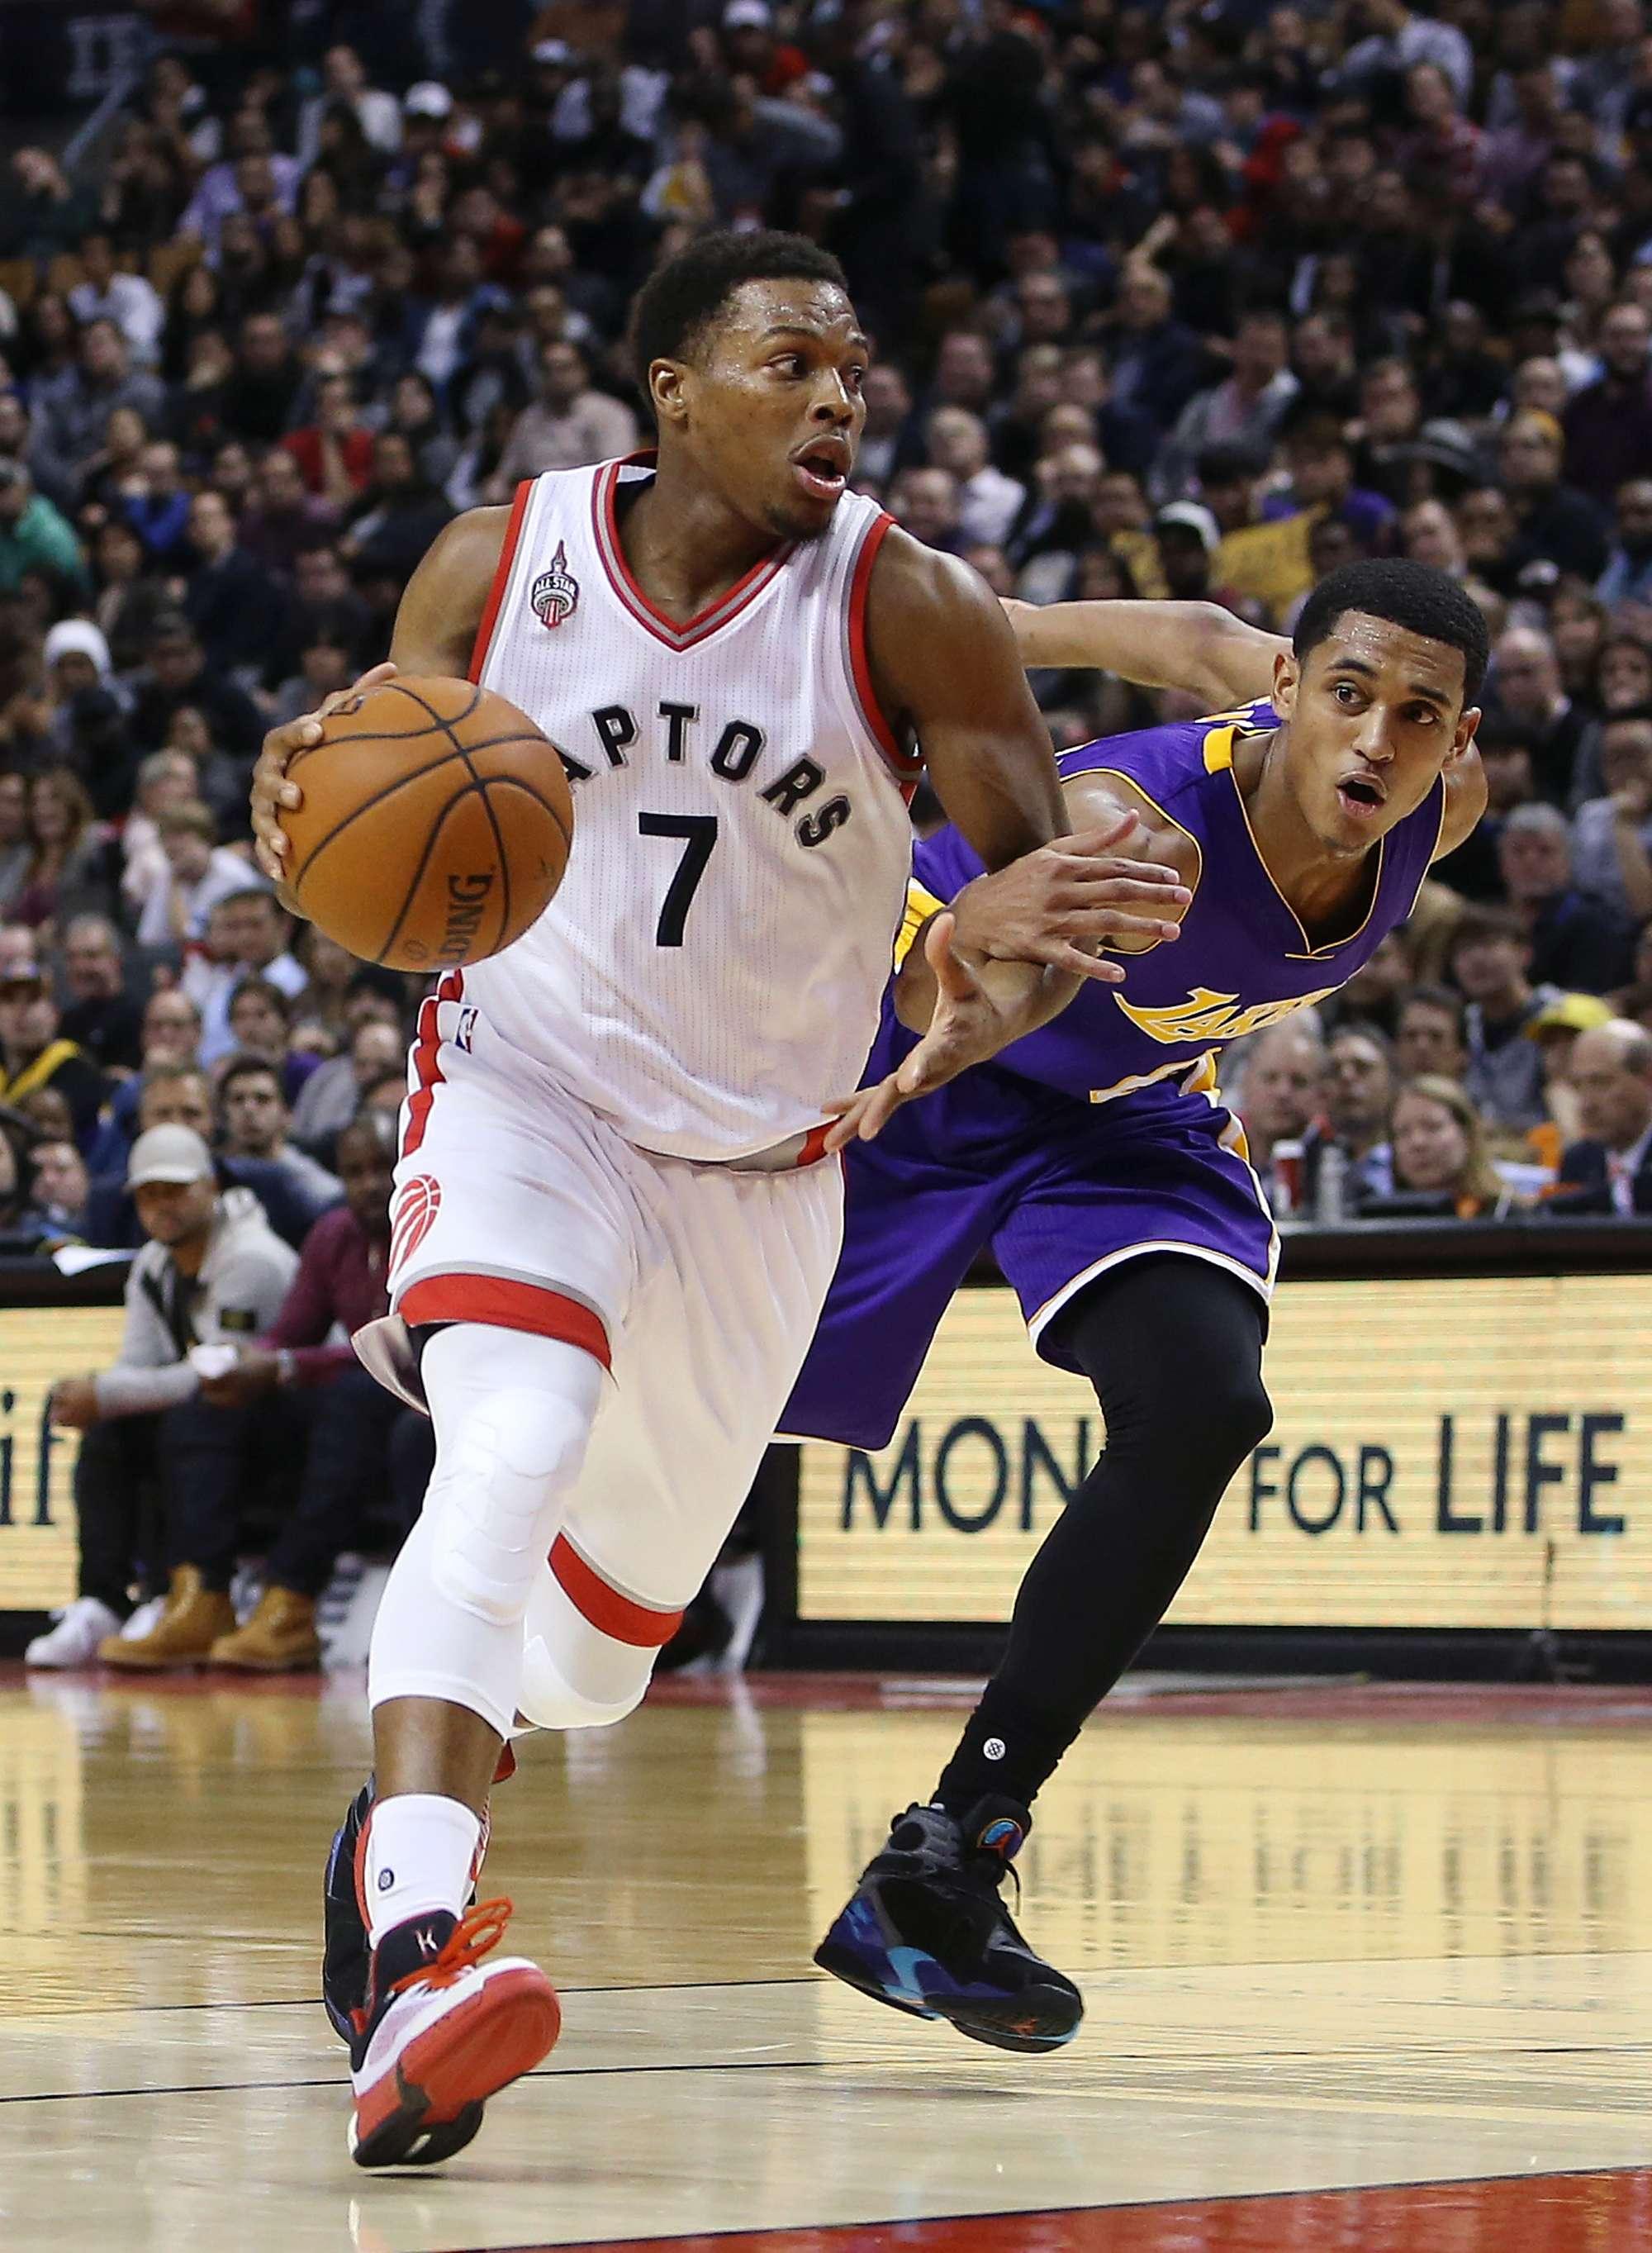 Lowry, guardia dei Toronto Raptors, è il 17° miglior marcatore della lega